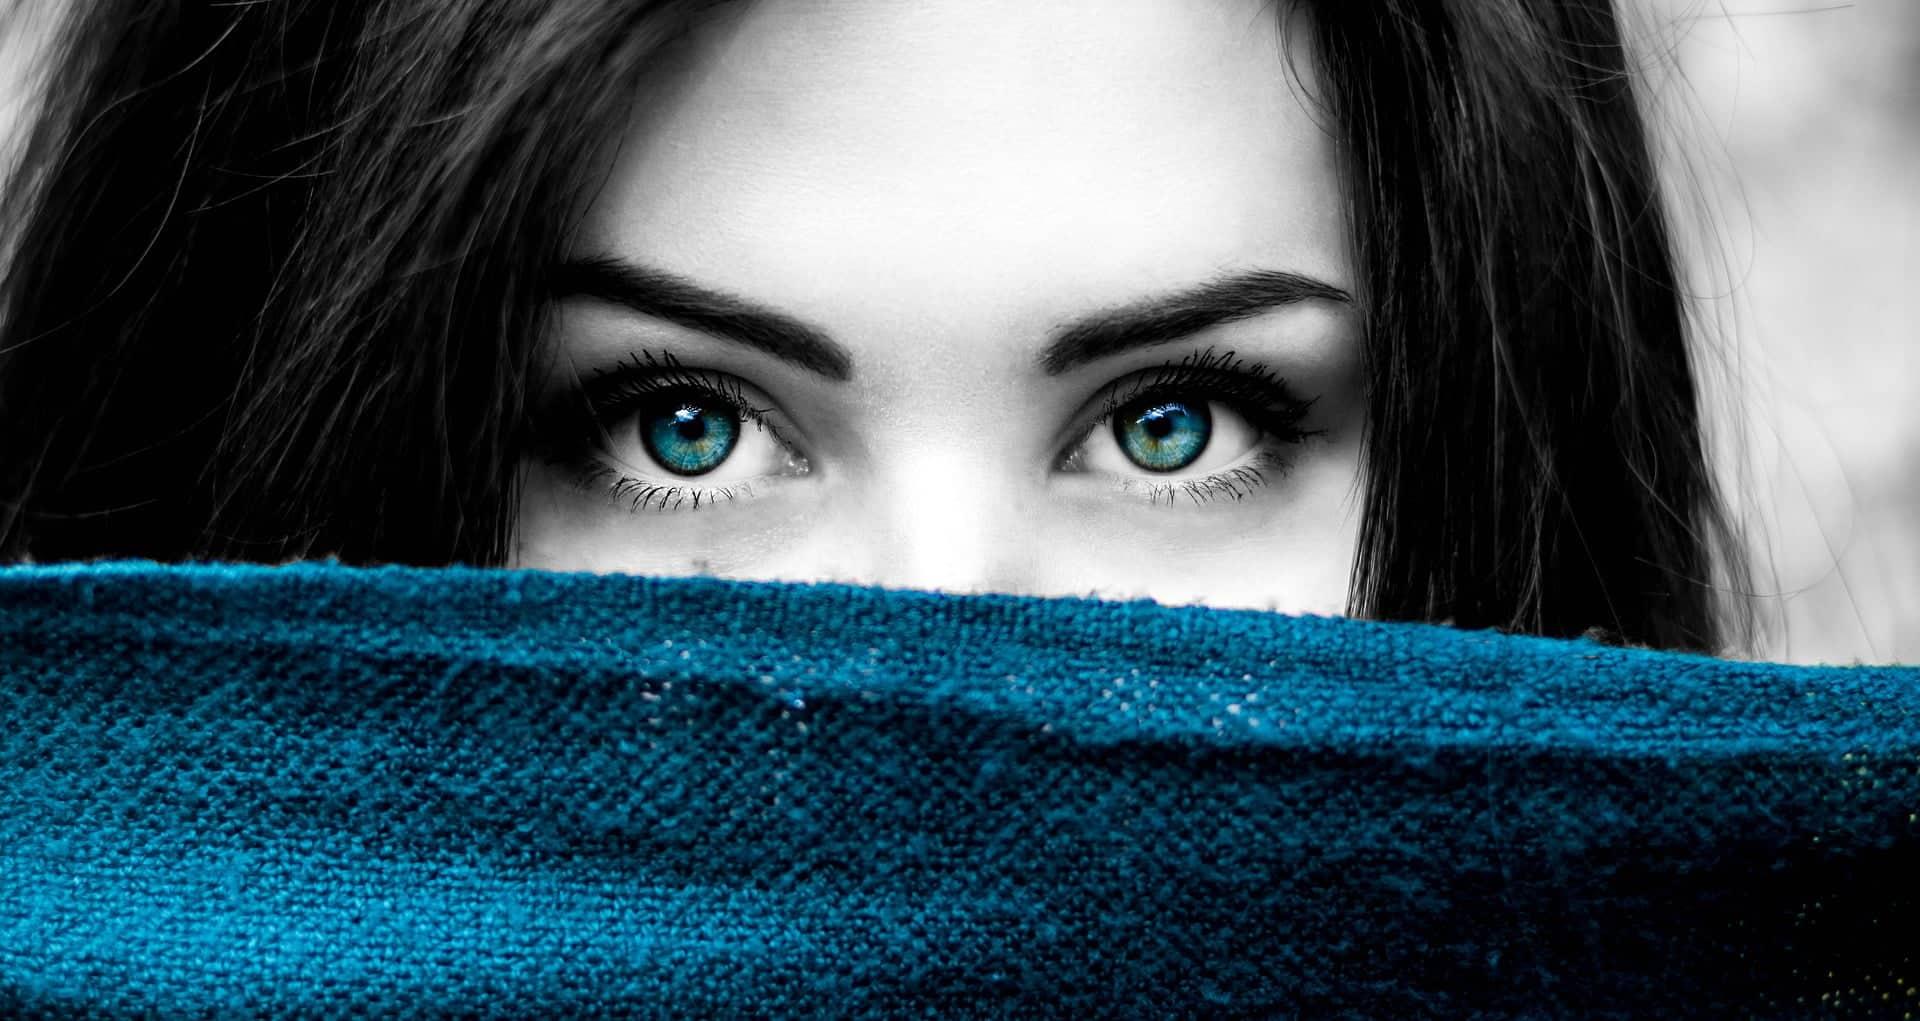 Nainen syvän sinivihreissä silmissään